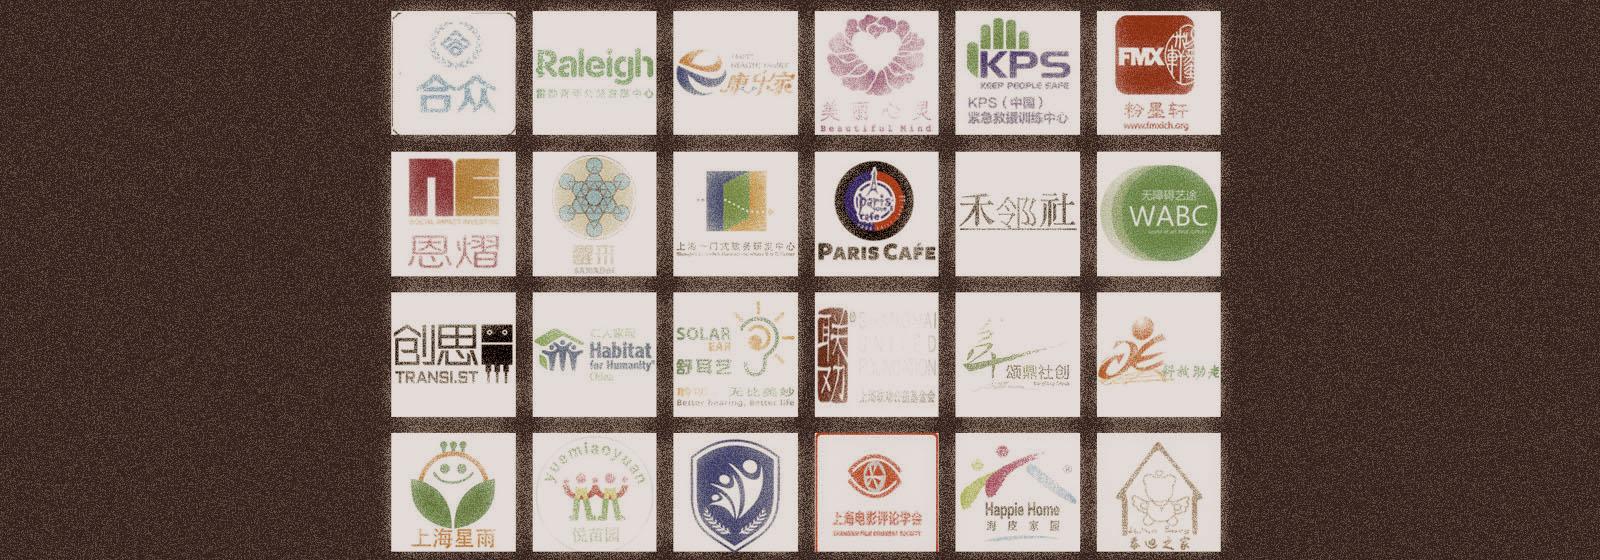 Социальные предприятия по-китайски